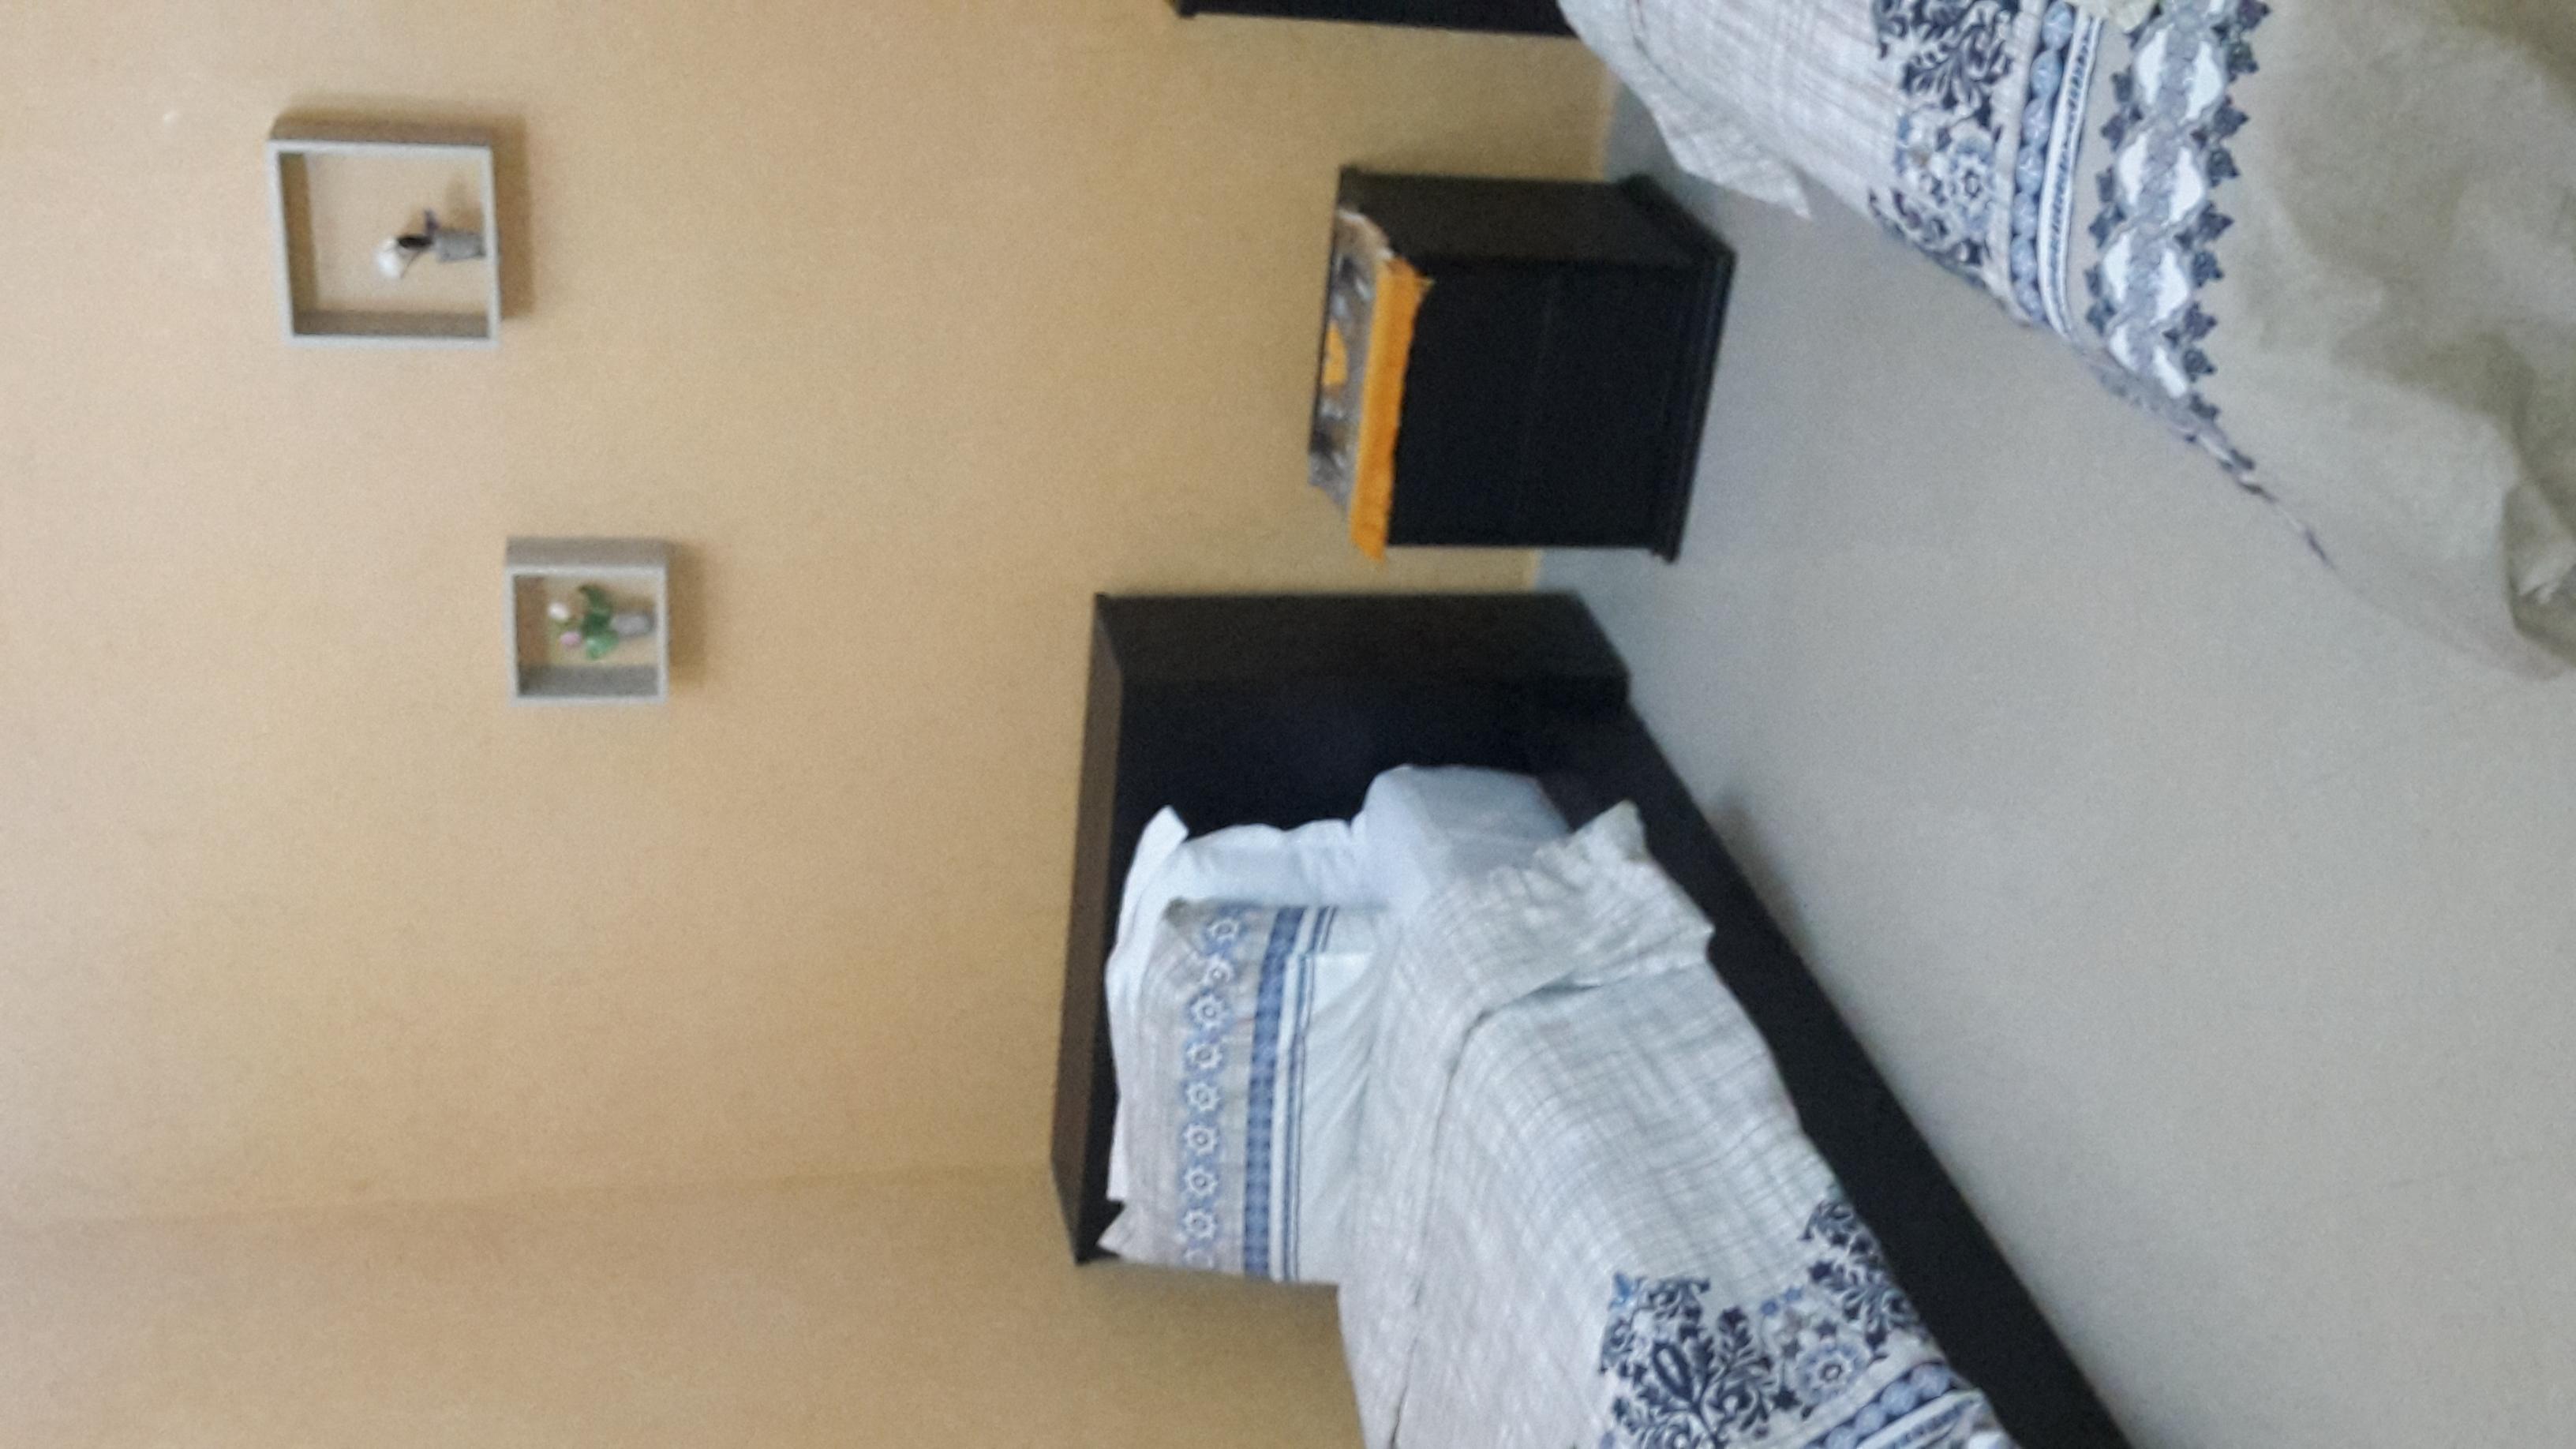 Image appartement de vacances haut standing à NOVA BEACH Village - Résidence balnéaire située à sidi rahal 0